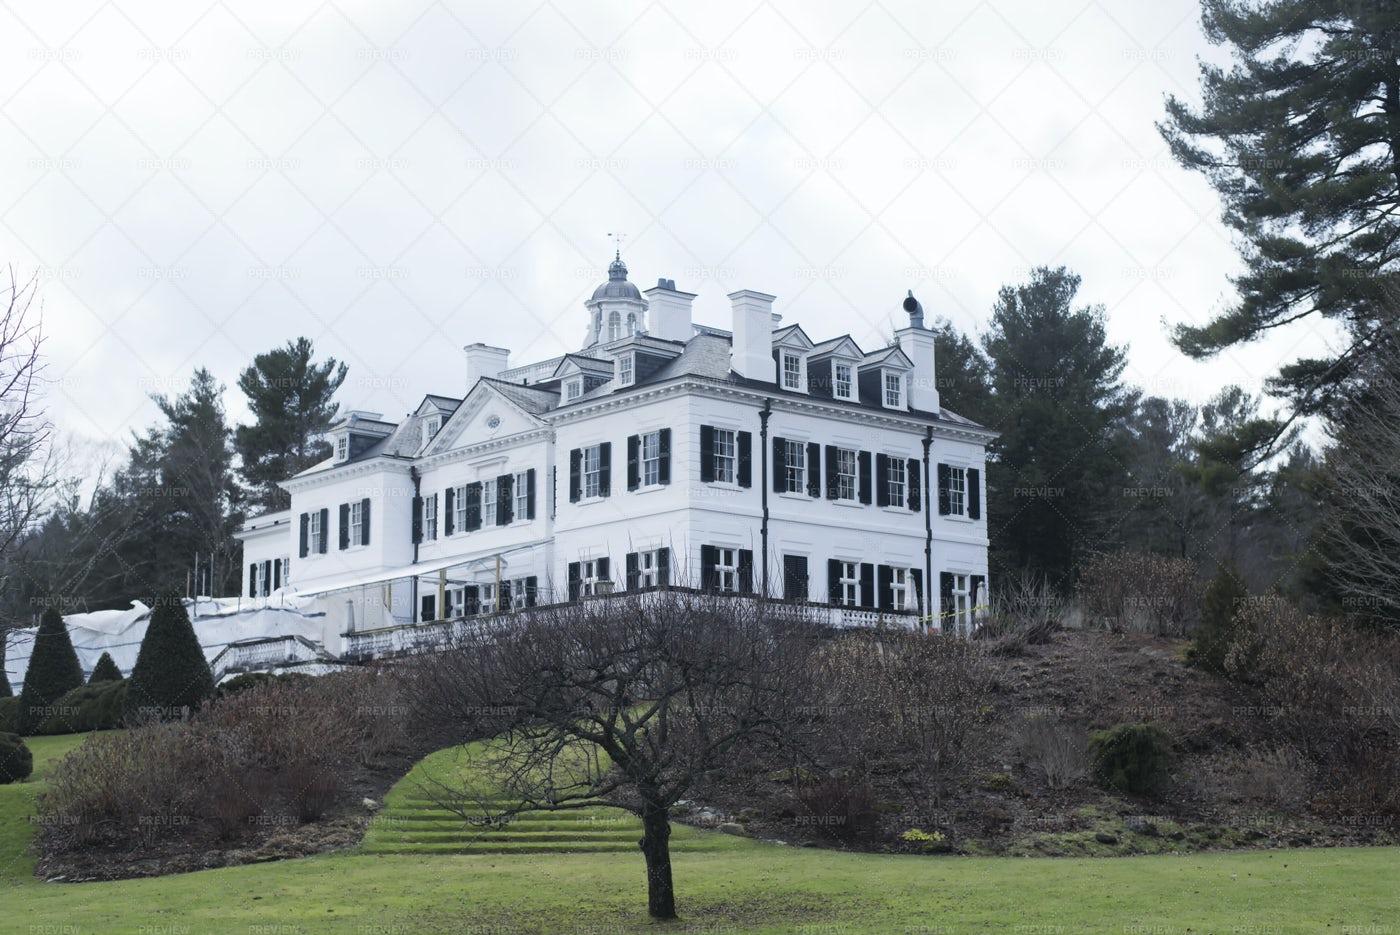 The Mount, Historic Edith Wharton Home: Stock Photos